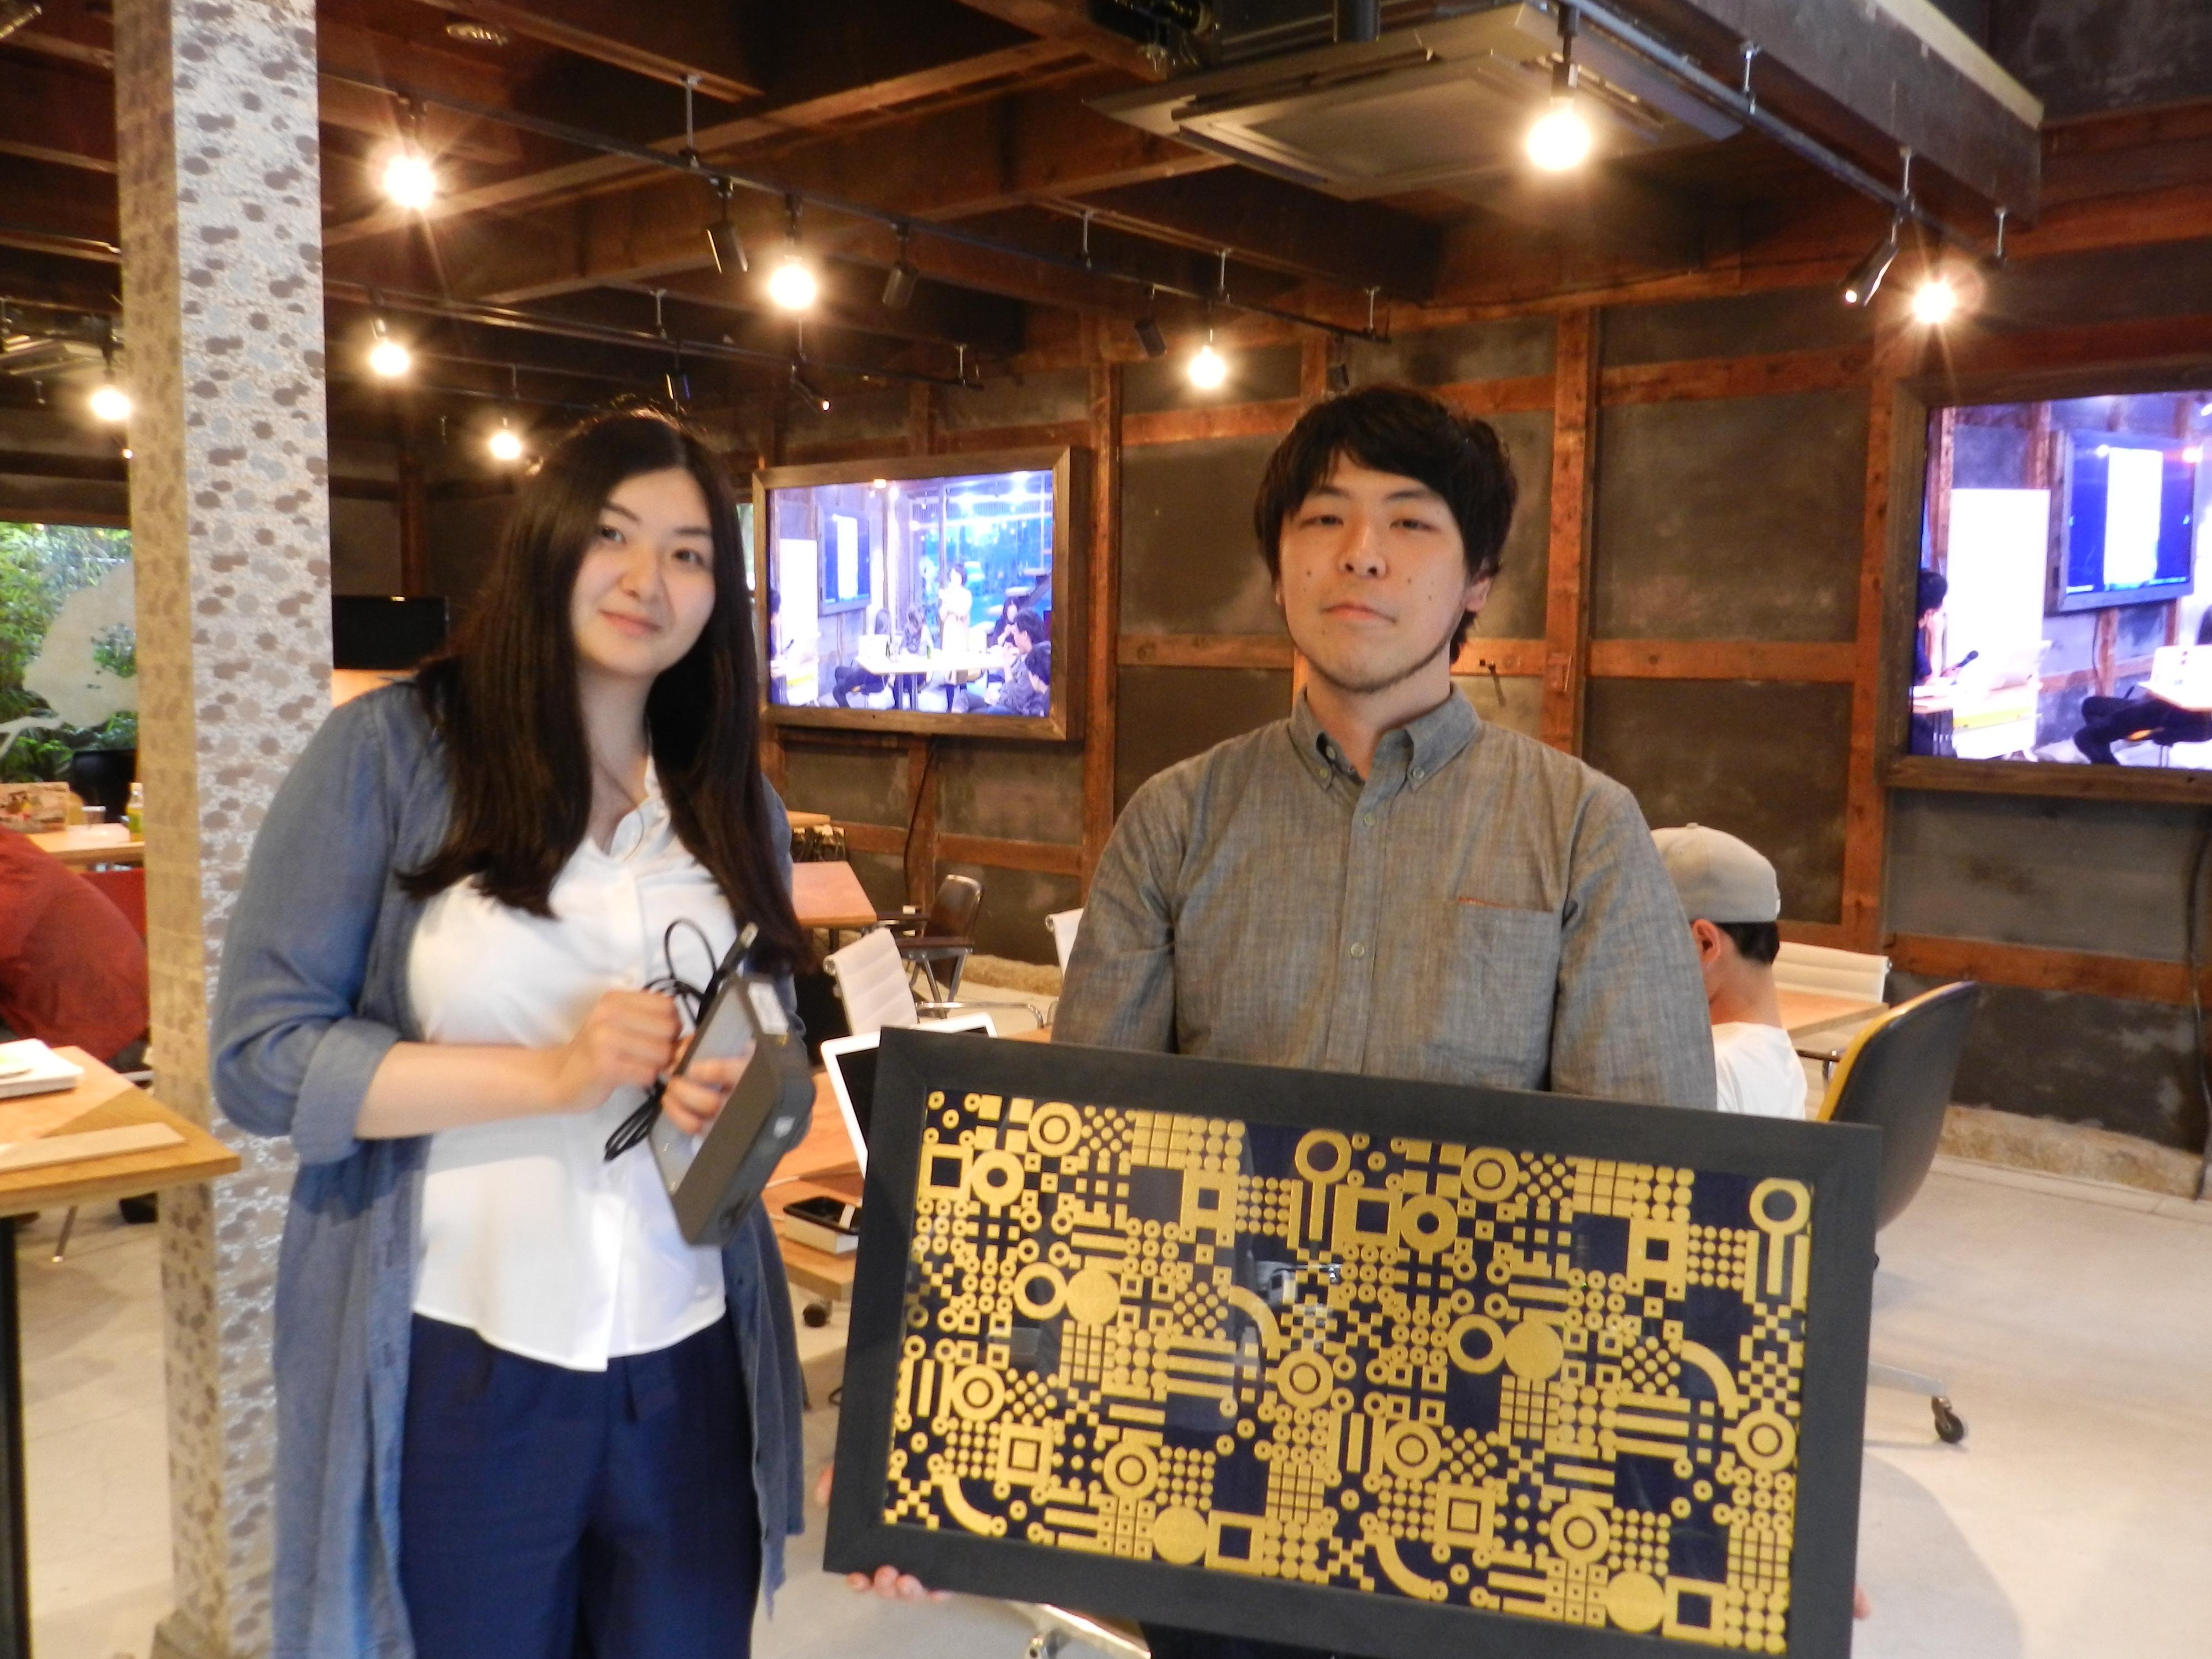 京都五条にある素材をコンセプトにしたコワーキングスペースMTRL KYOTO(マテリアル京都)[突撃取材][第21回]